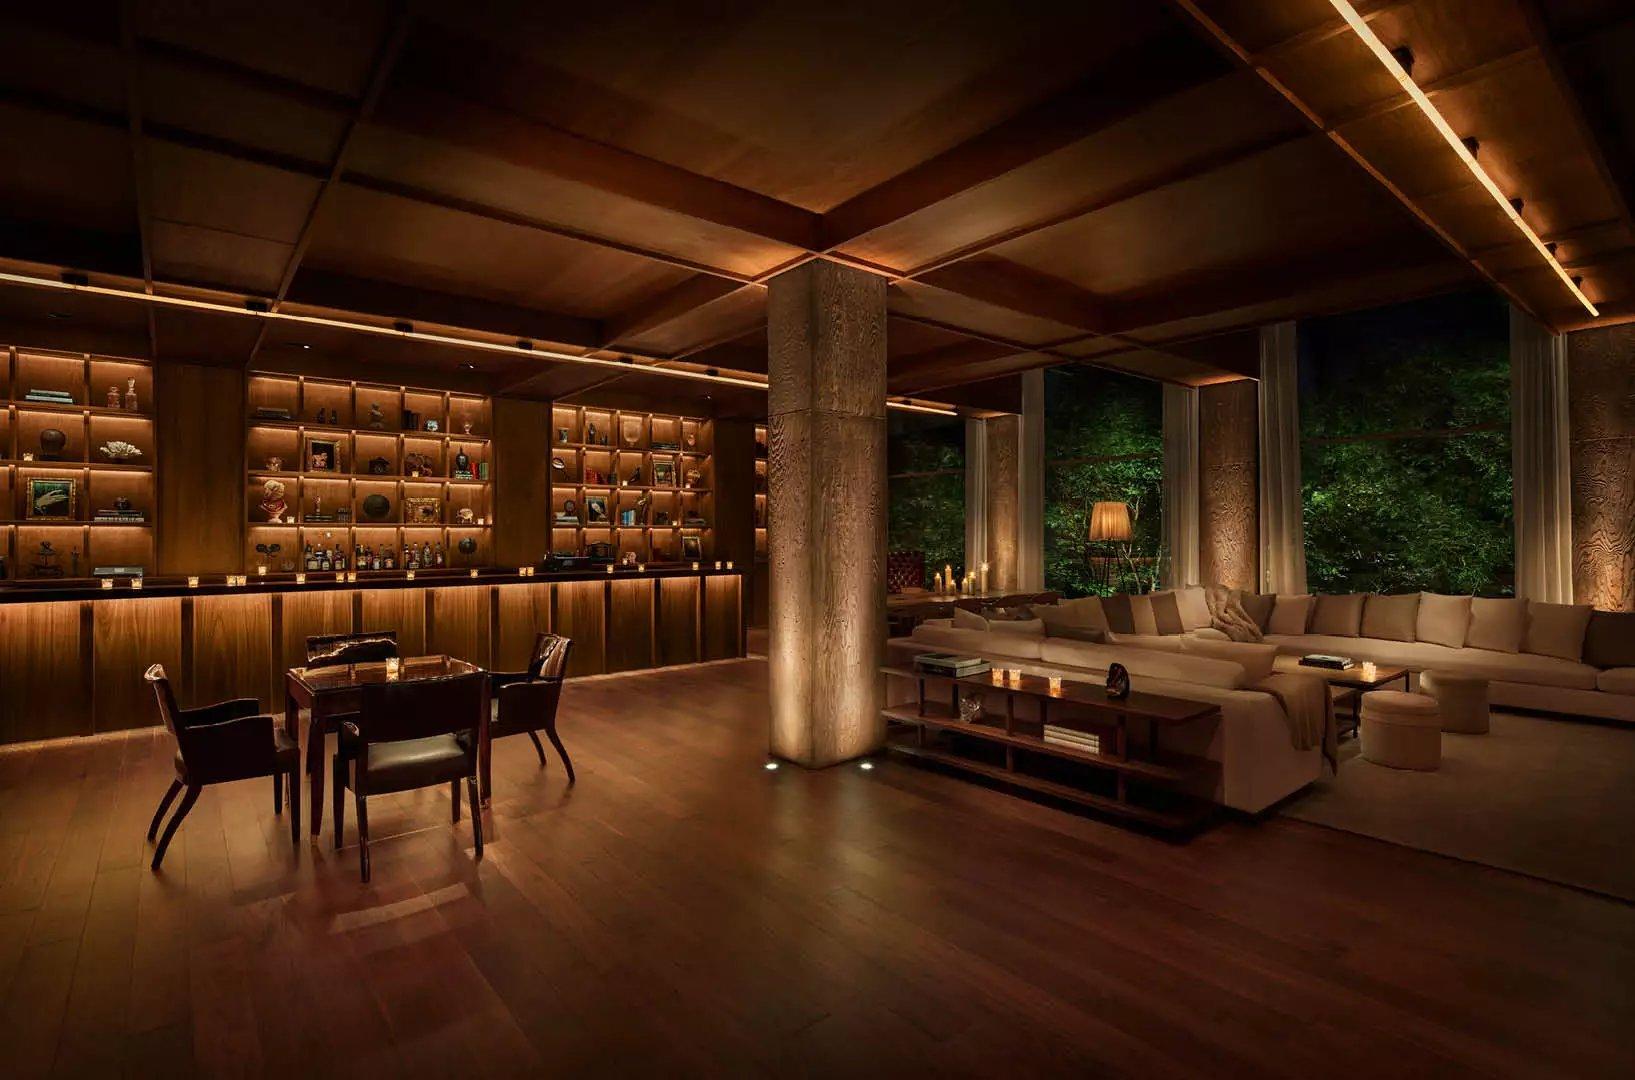 Das wohl angesagteste Hotel in SoHo, NYC: Das Public Hotel von Studio 54-Gründer Ian Schrager 8